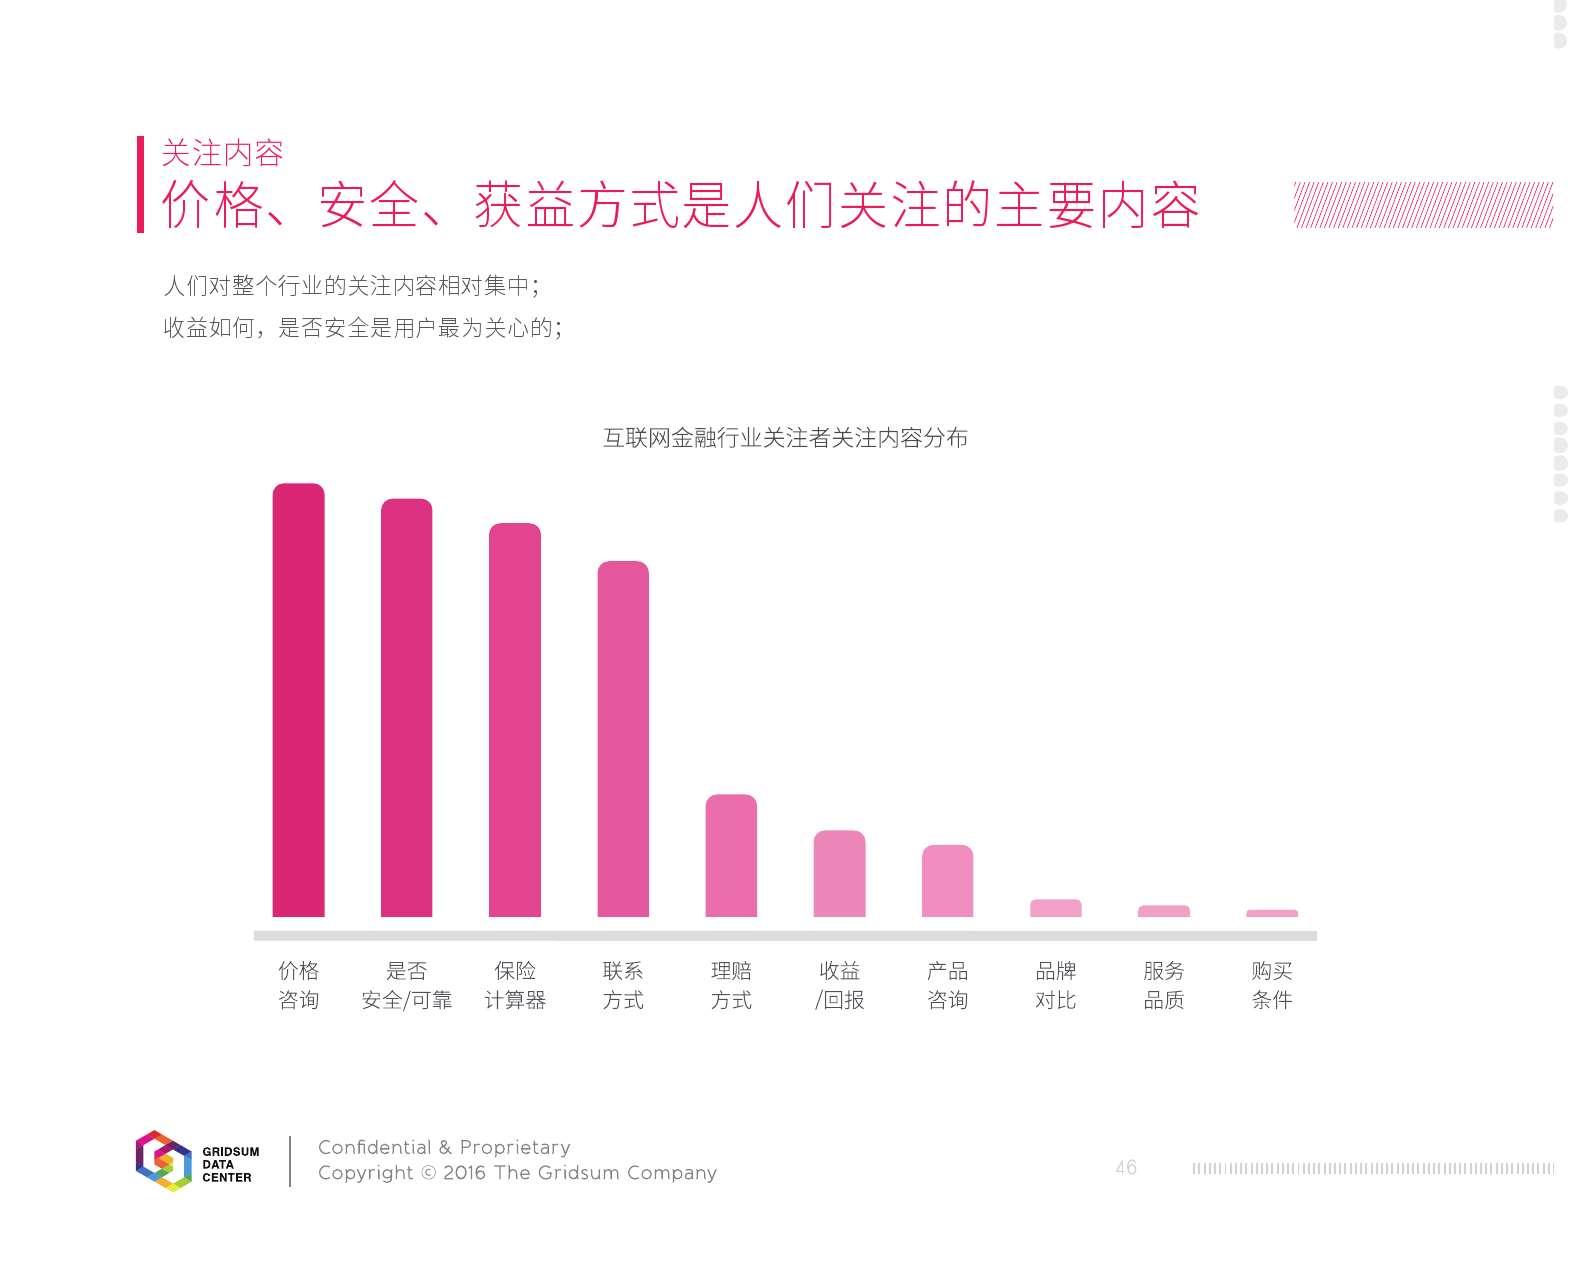 2015中国互联网发展报告_000048